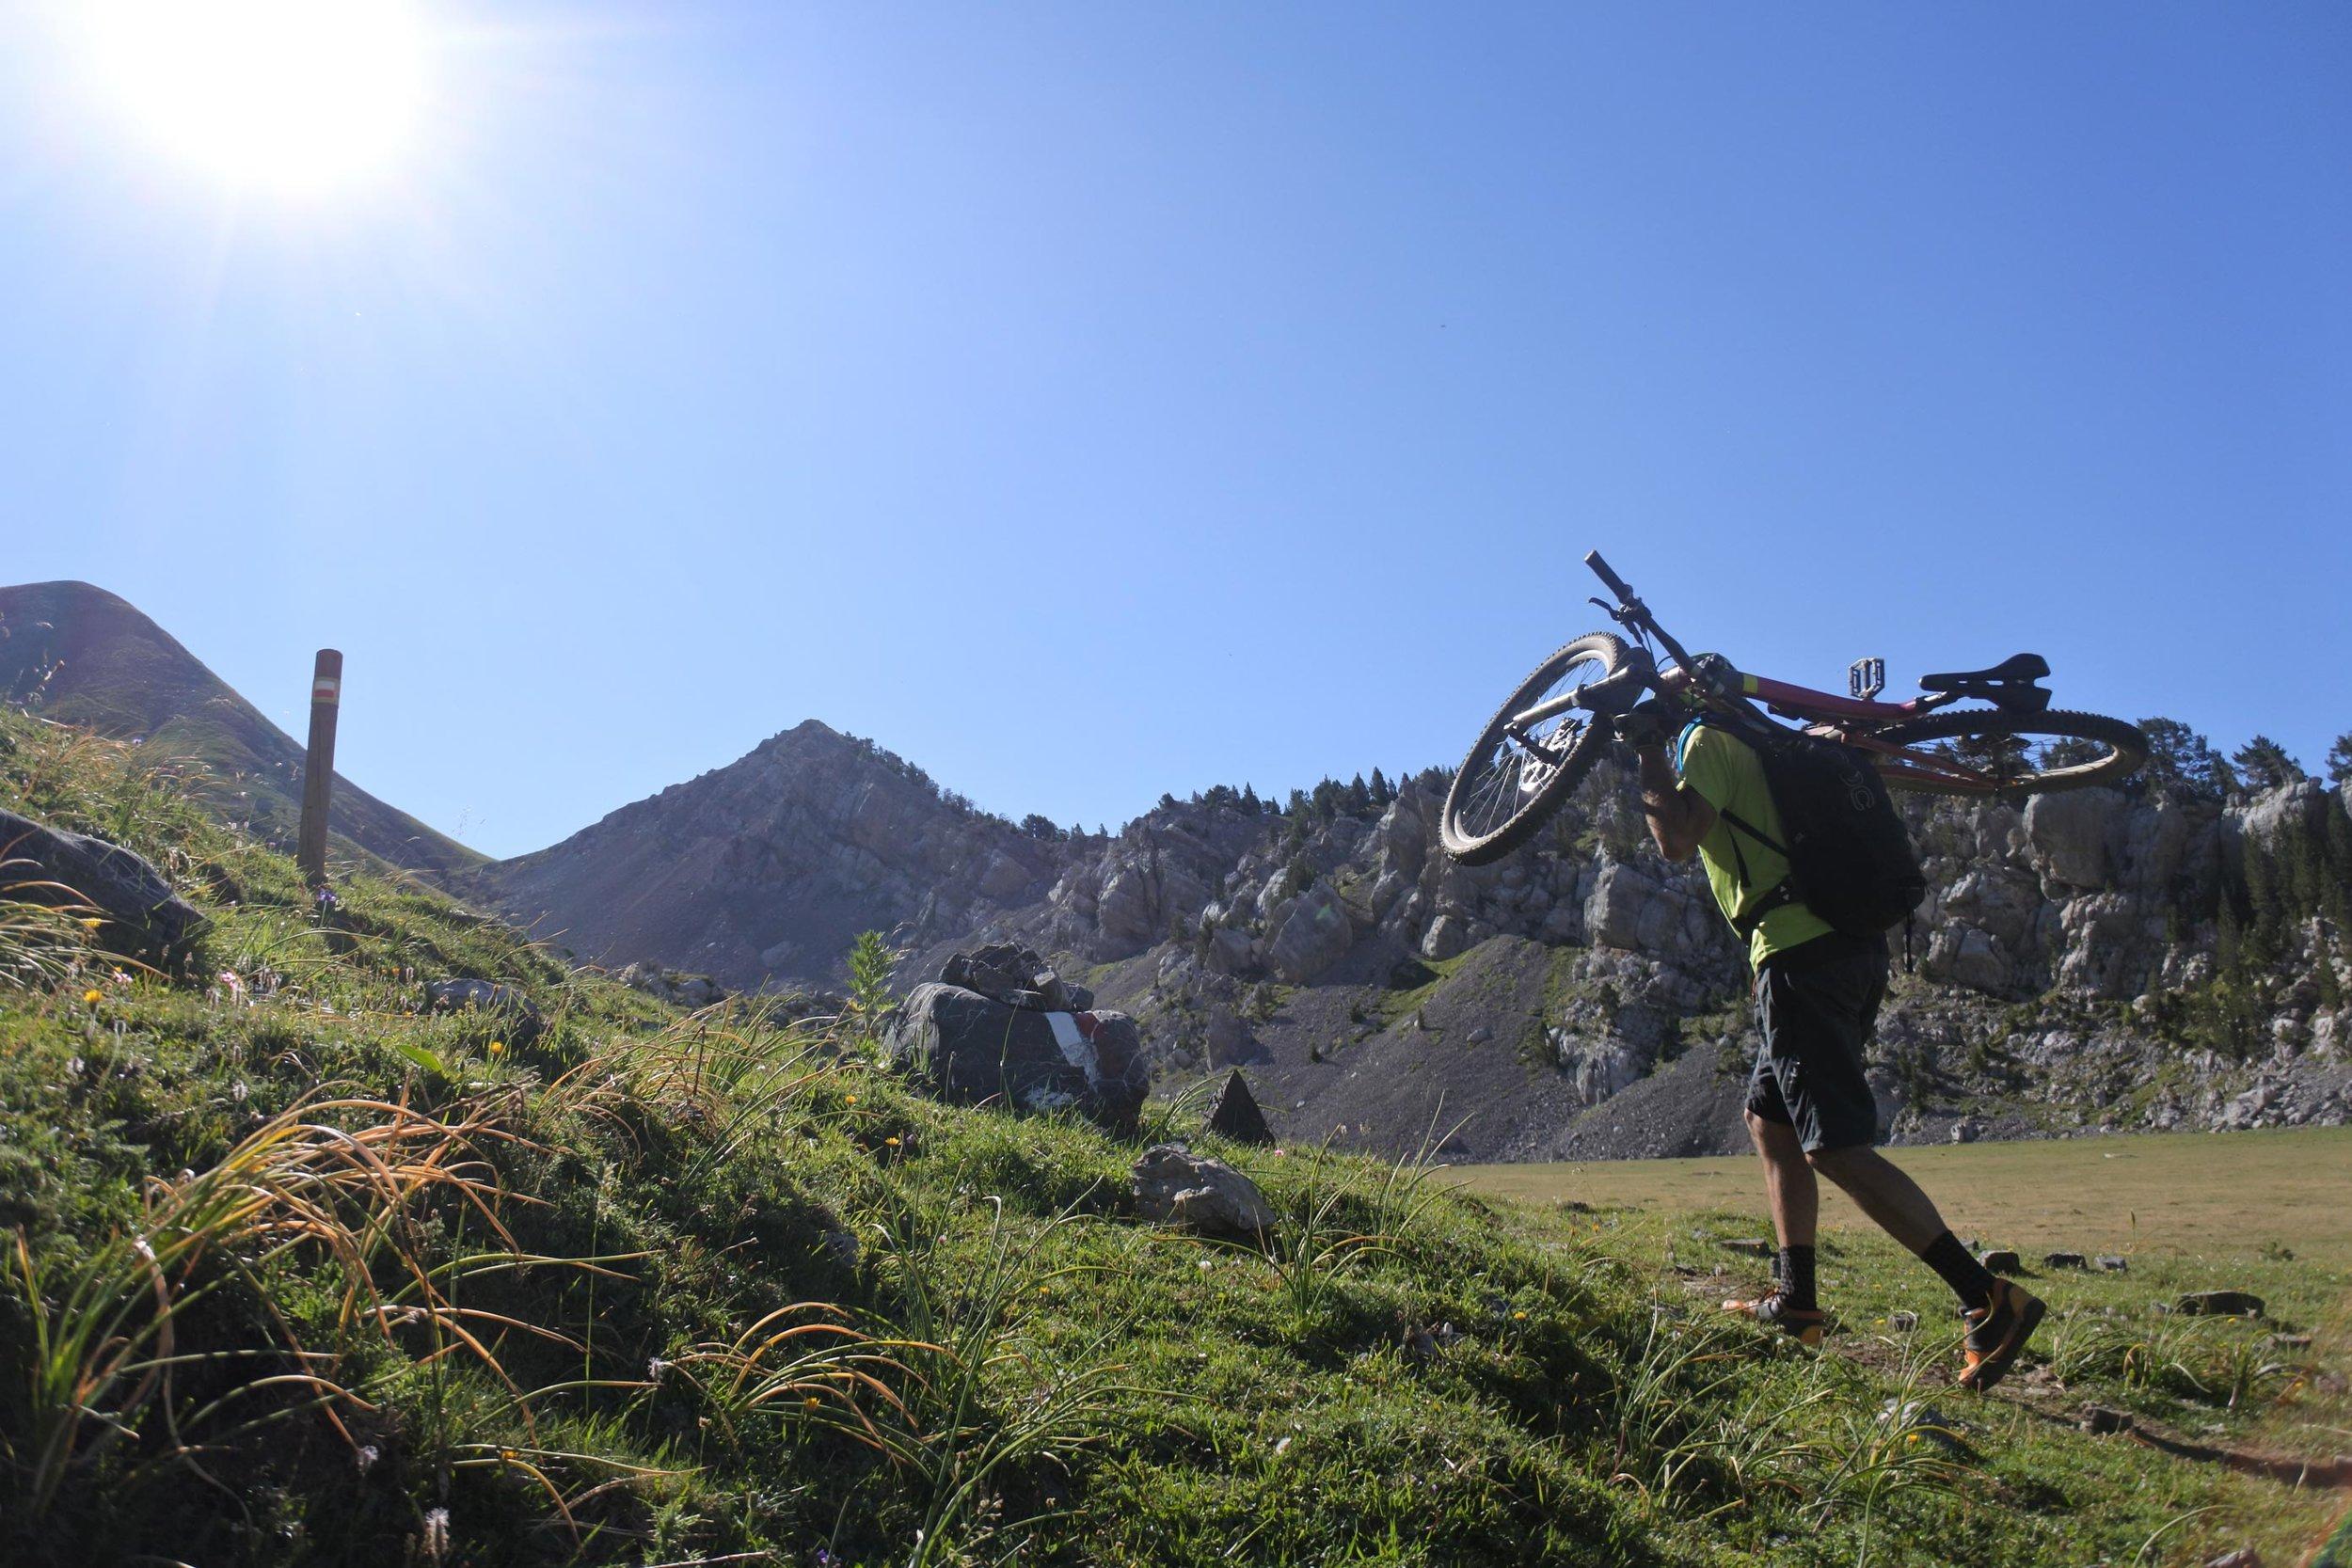 unbeaten-adventures-zona-zero-ainsa-comodoto-hike-a-bike.jpg